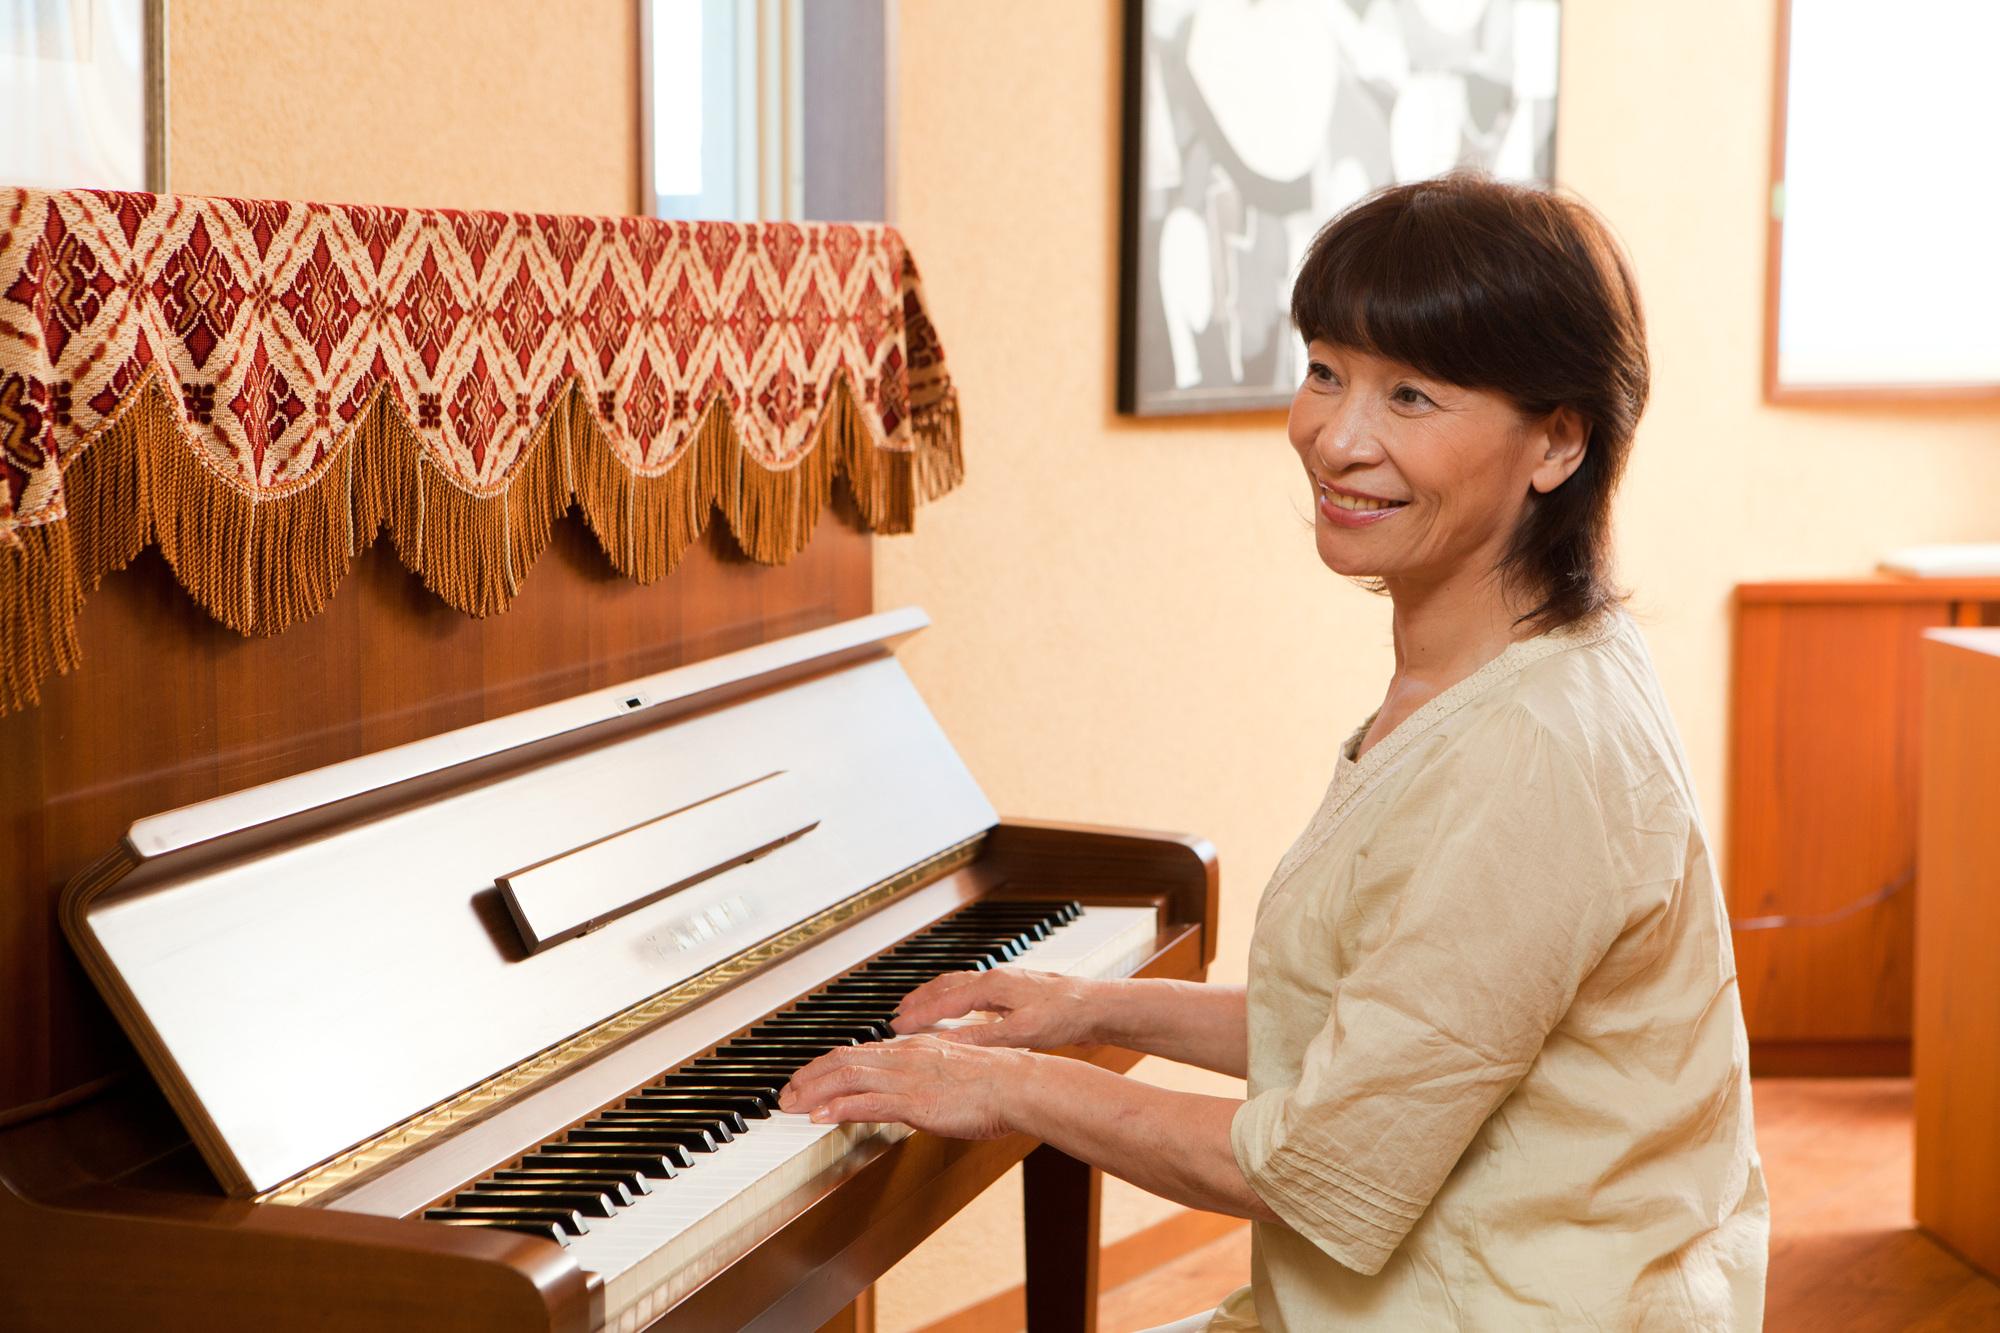 ピアノ 楽器 処分 遺品